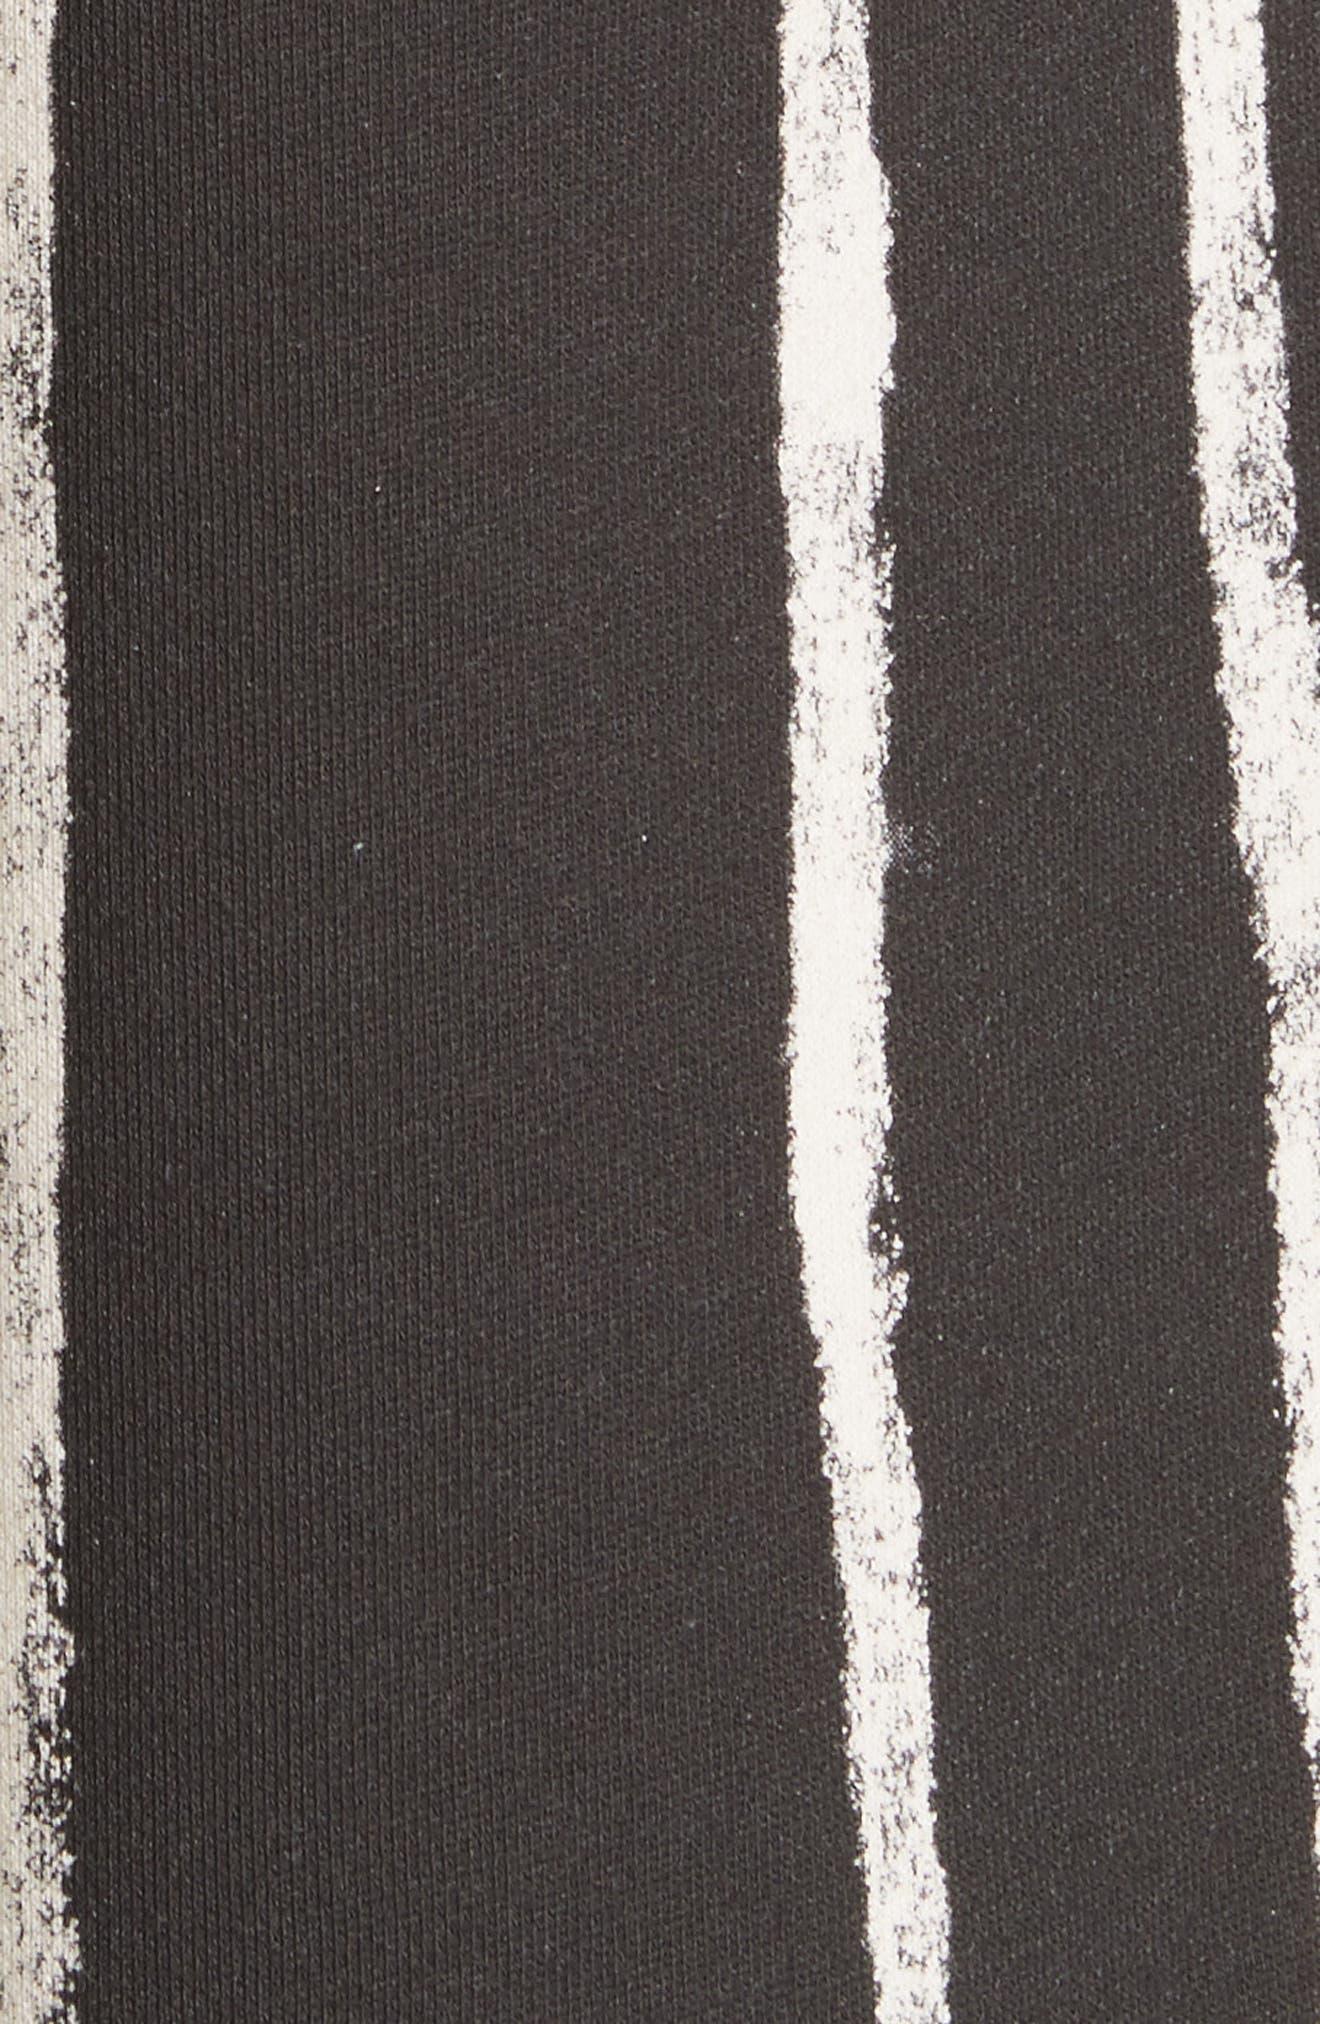 Striped Paint Shorts,                             Alternate thumbnail 5, color,                             Black/ White